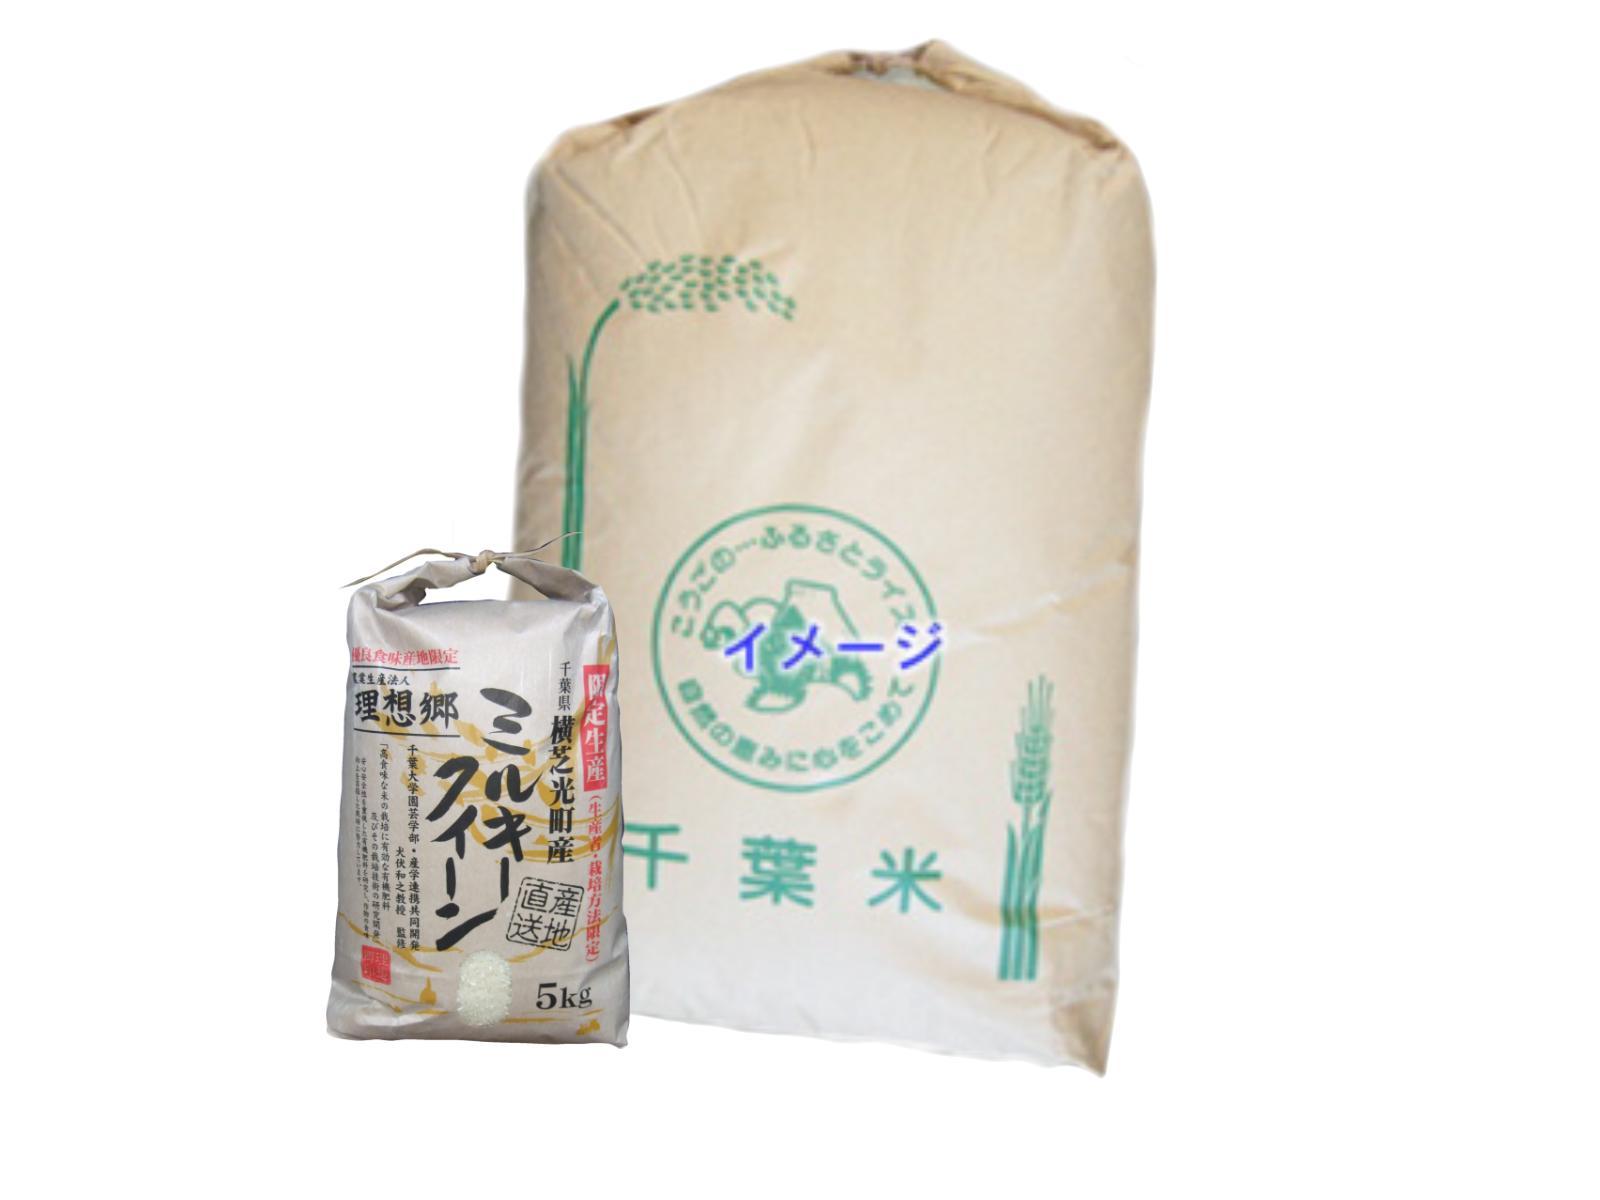 人気提案 令和2年産 金賞受賞米 理想郷 ミルキークイーン 玄米 30kg※外袋はイメージです。, 北海道新発見ファクトリー 4c463b64